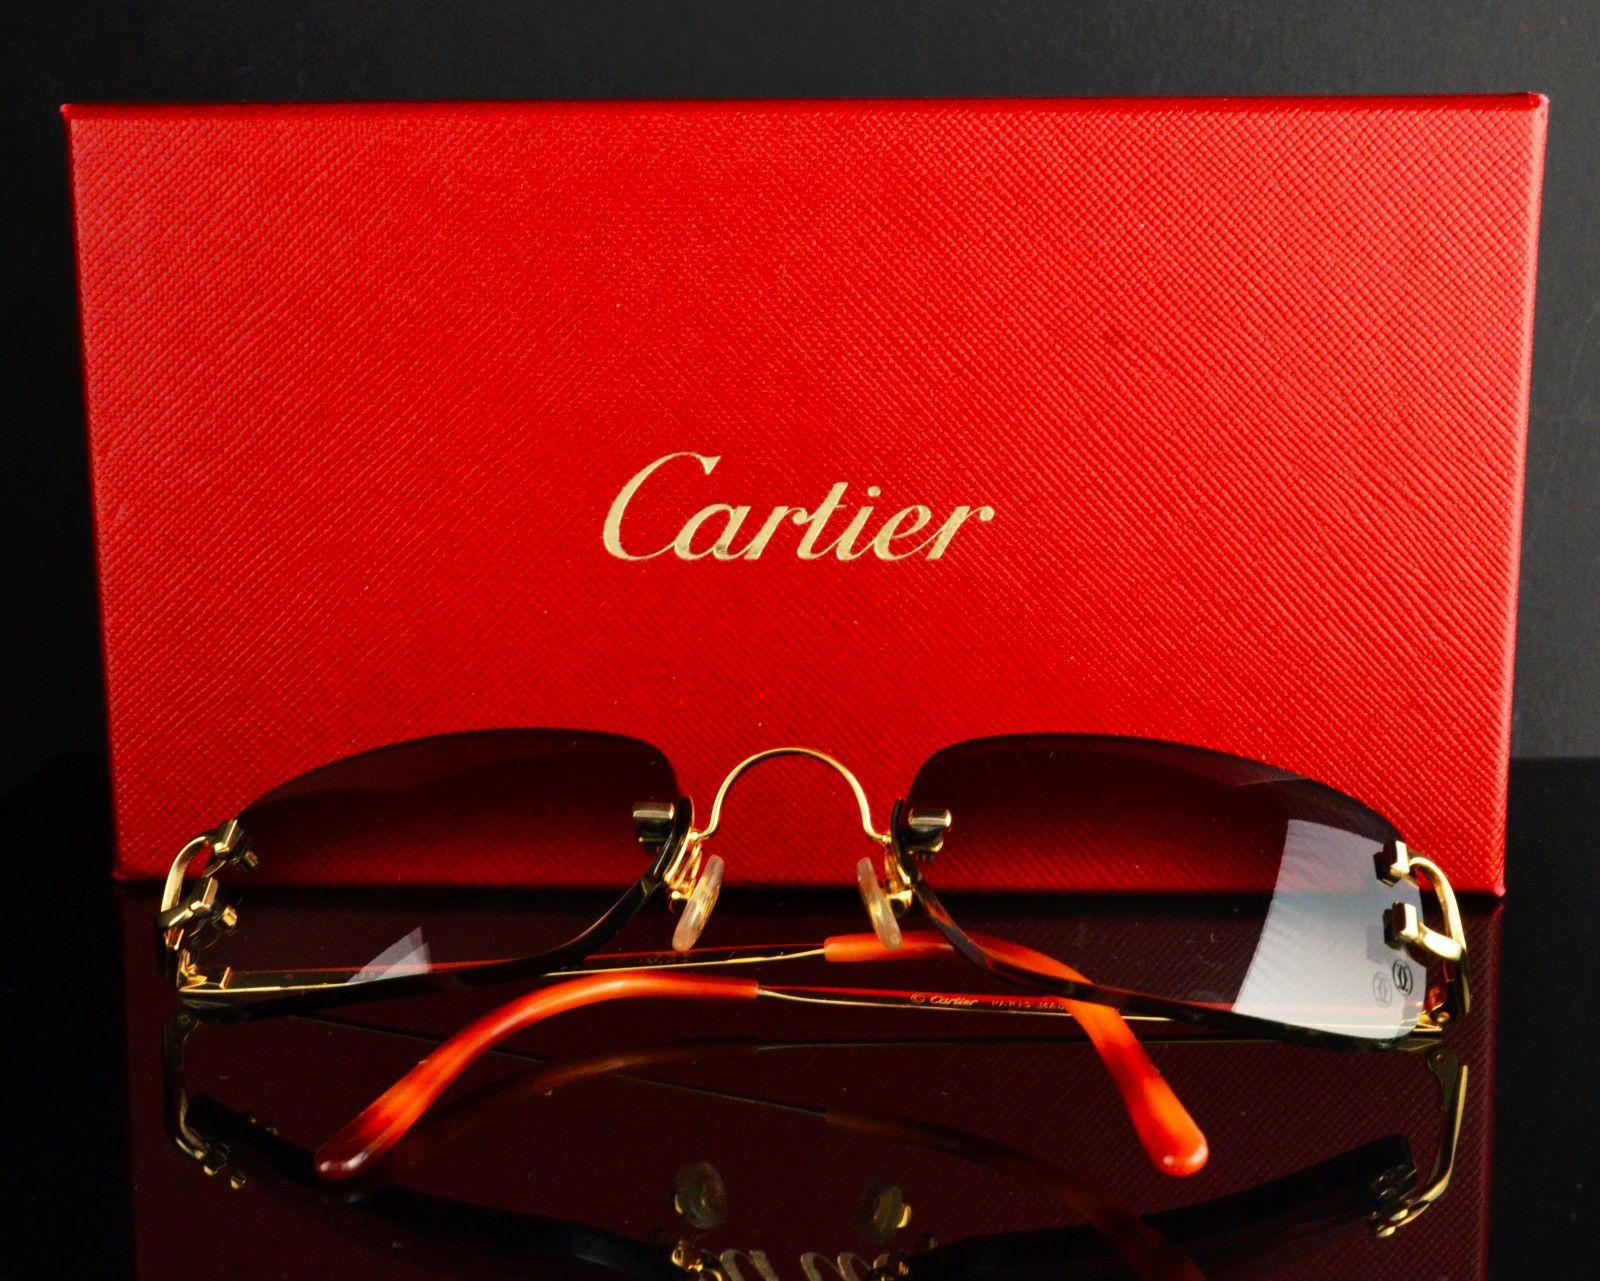 05a01f4df7 Cartier Sunglasses (Men s Preowned Rimless D Decor Smokey Gradient Mirrored  Designer Sun Glasses)